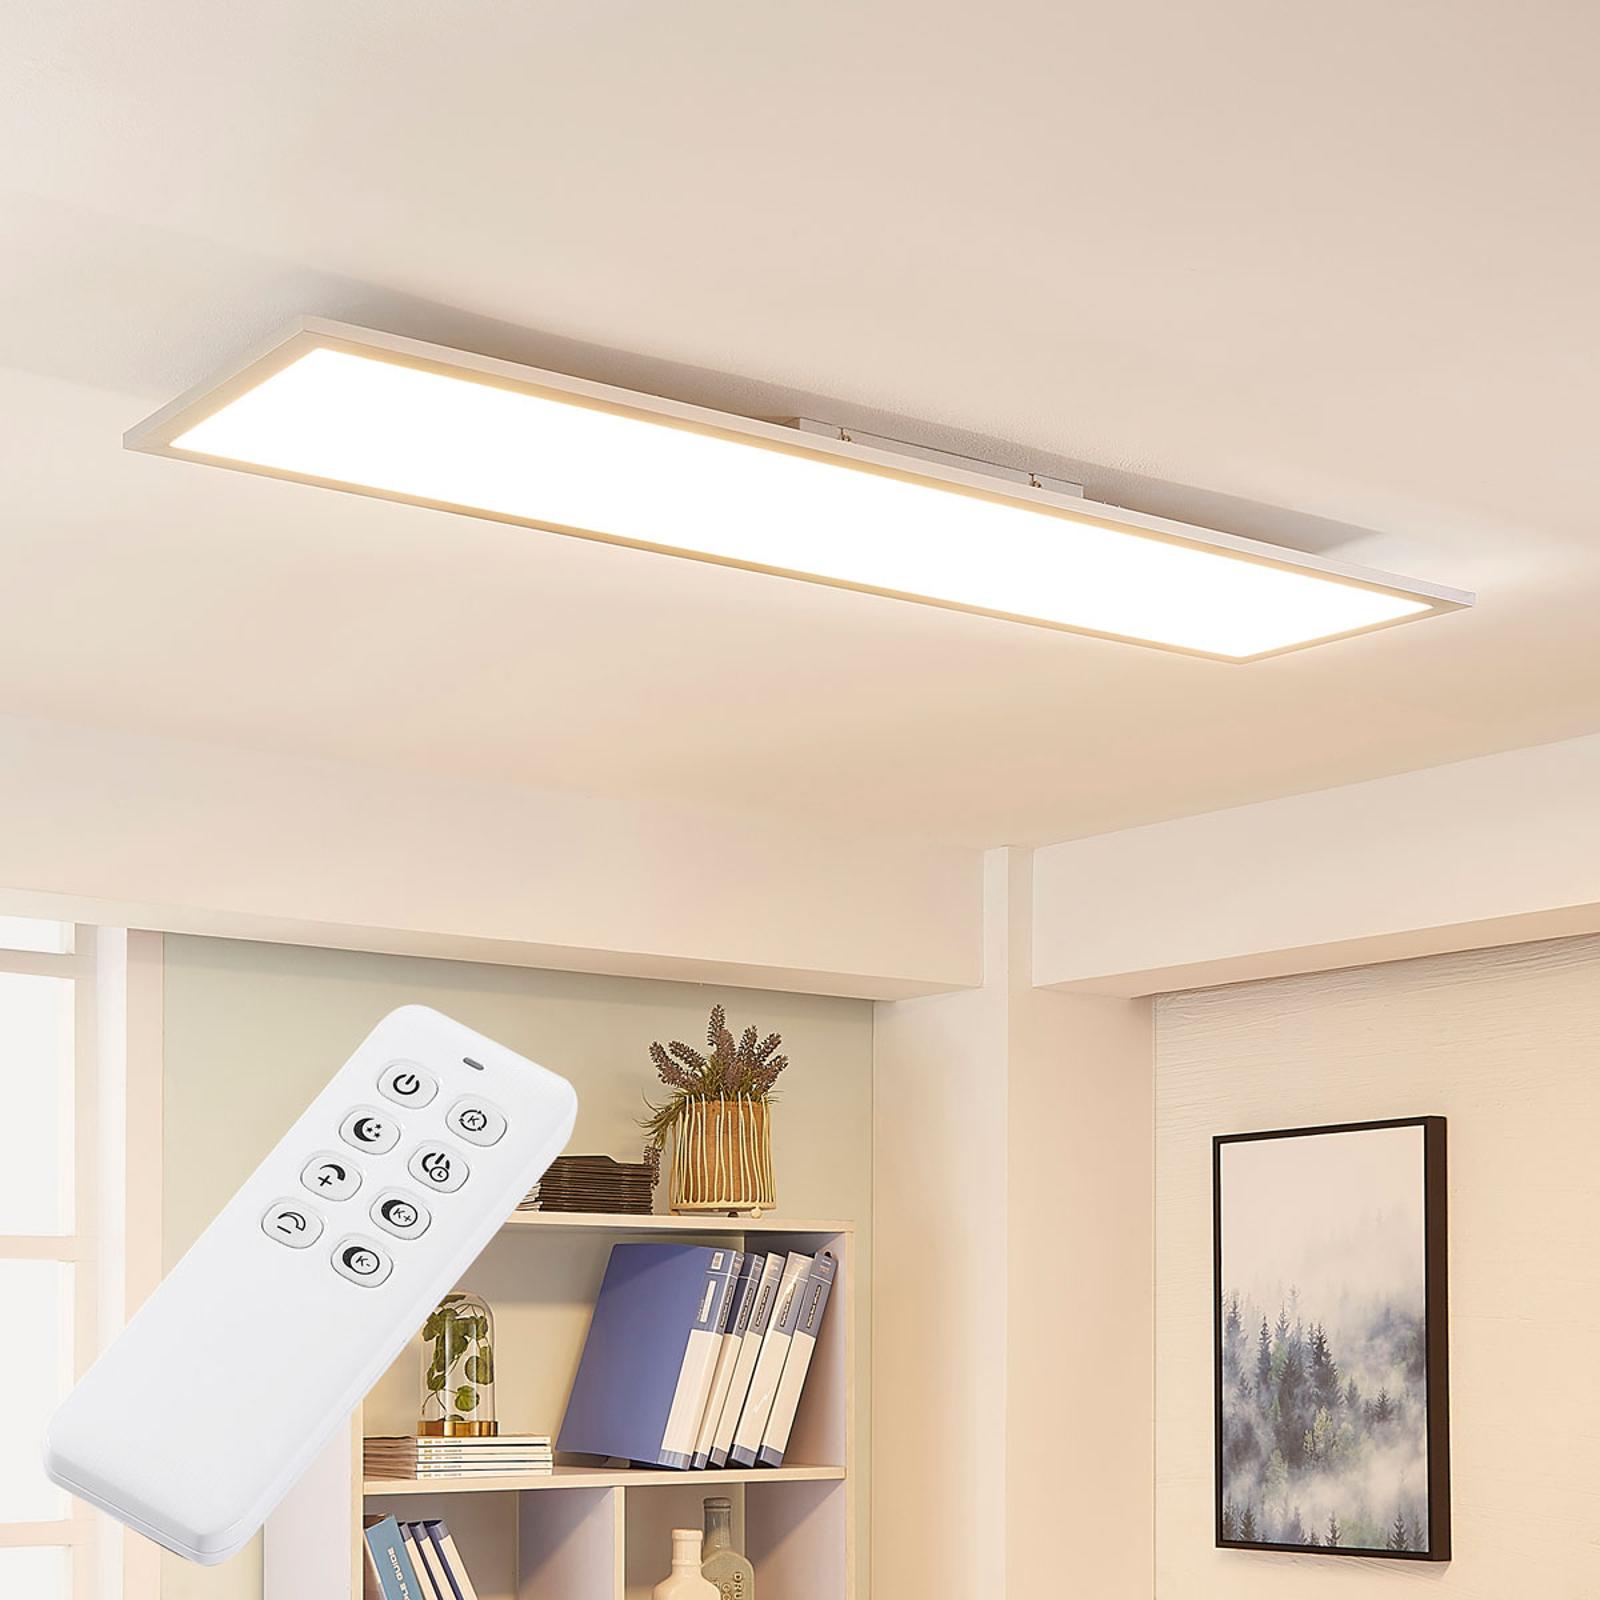 Lampa sufitowa LED Lysander, zmienna barwa światła